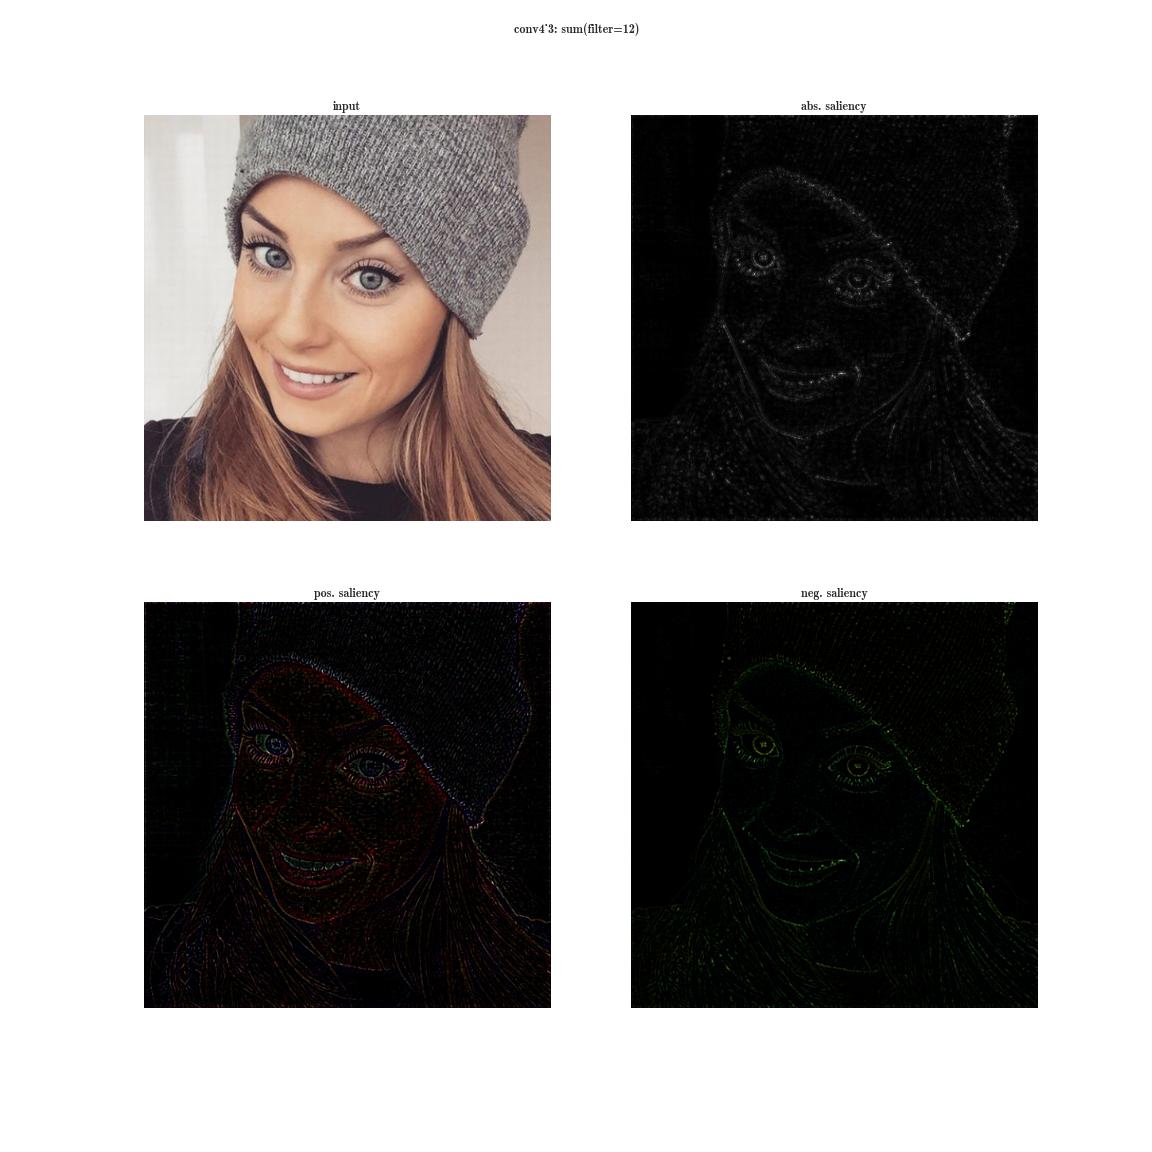 Стилизация изображений с помощью нейронных сетей: никакой мистики, просто матан - 24